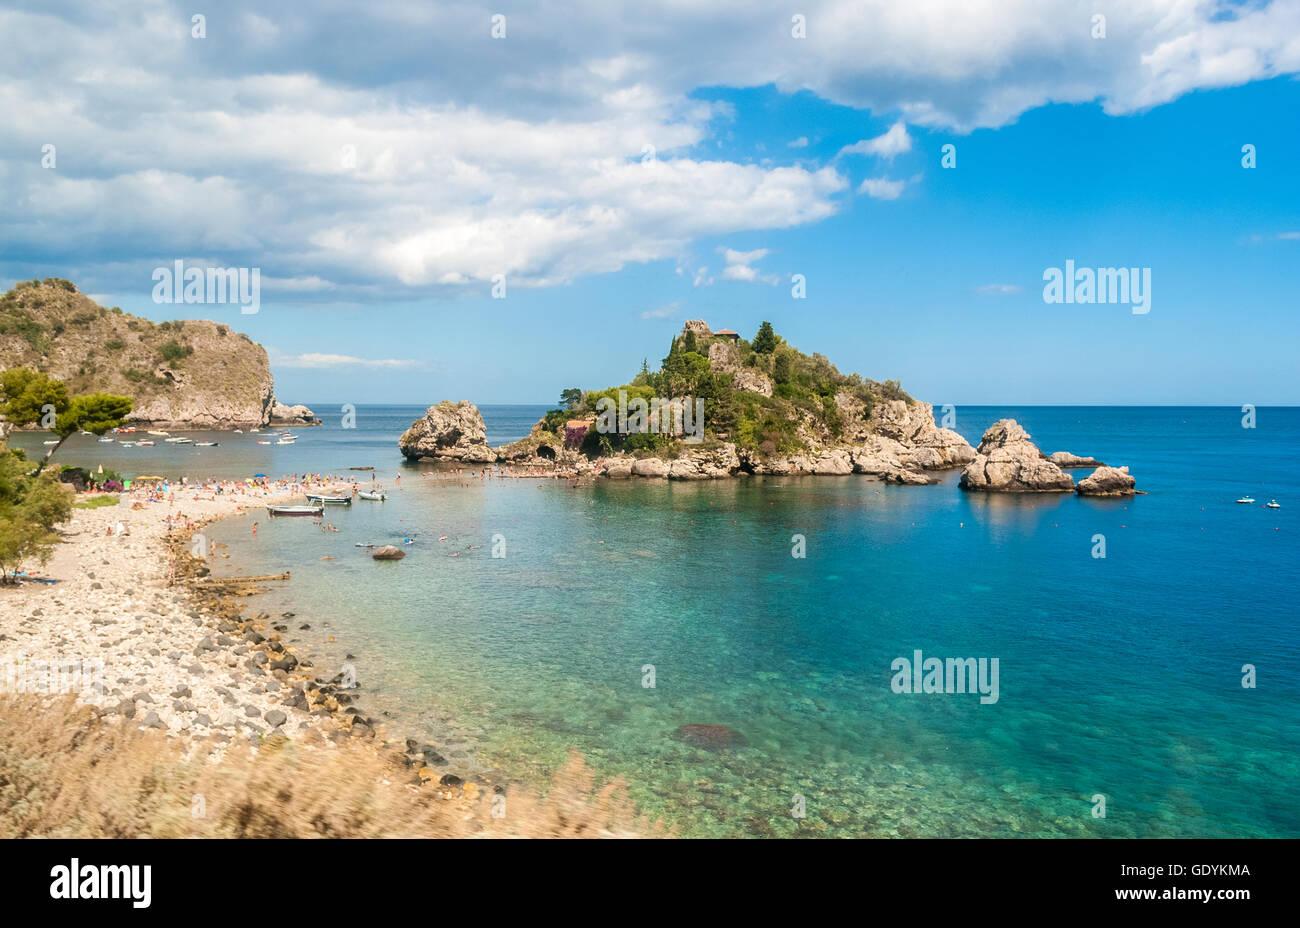 Isola Bella, en Taormina (Sicilia), durante los meses de verano Imagen De Stock